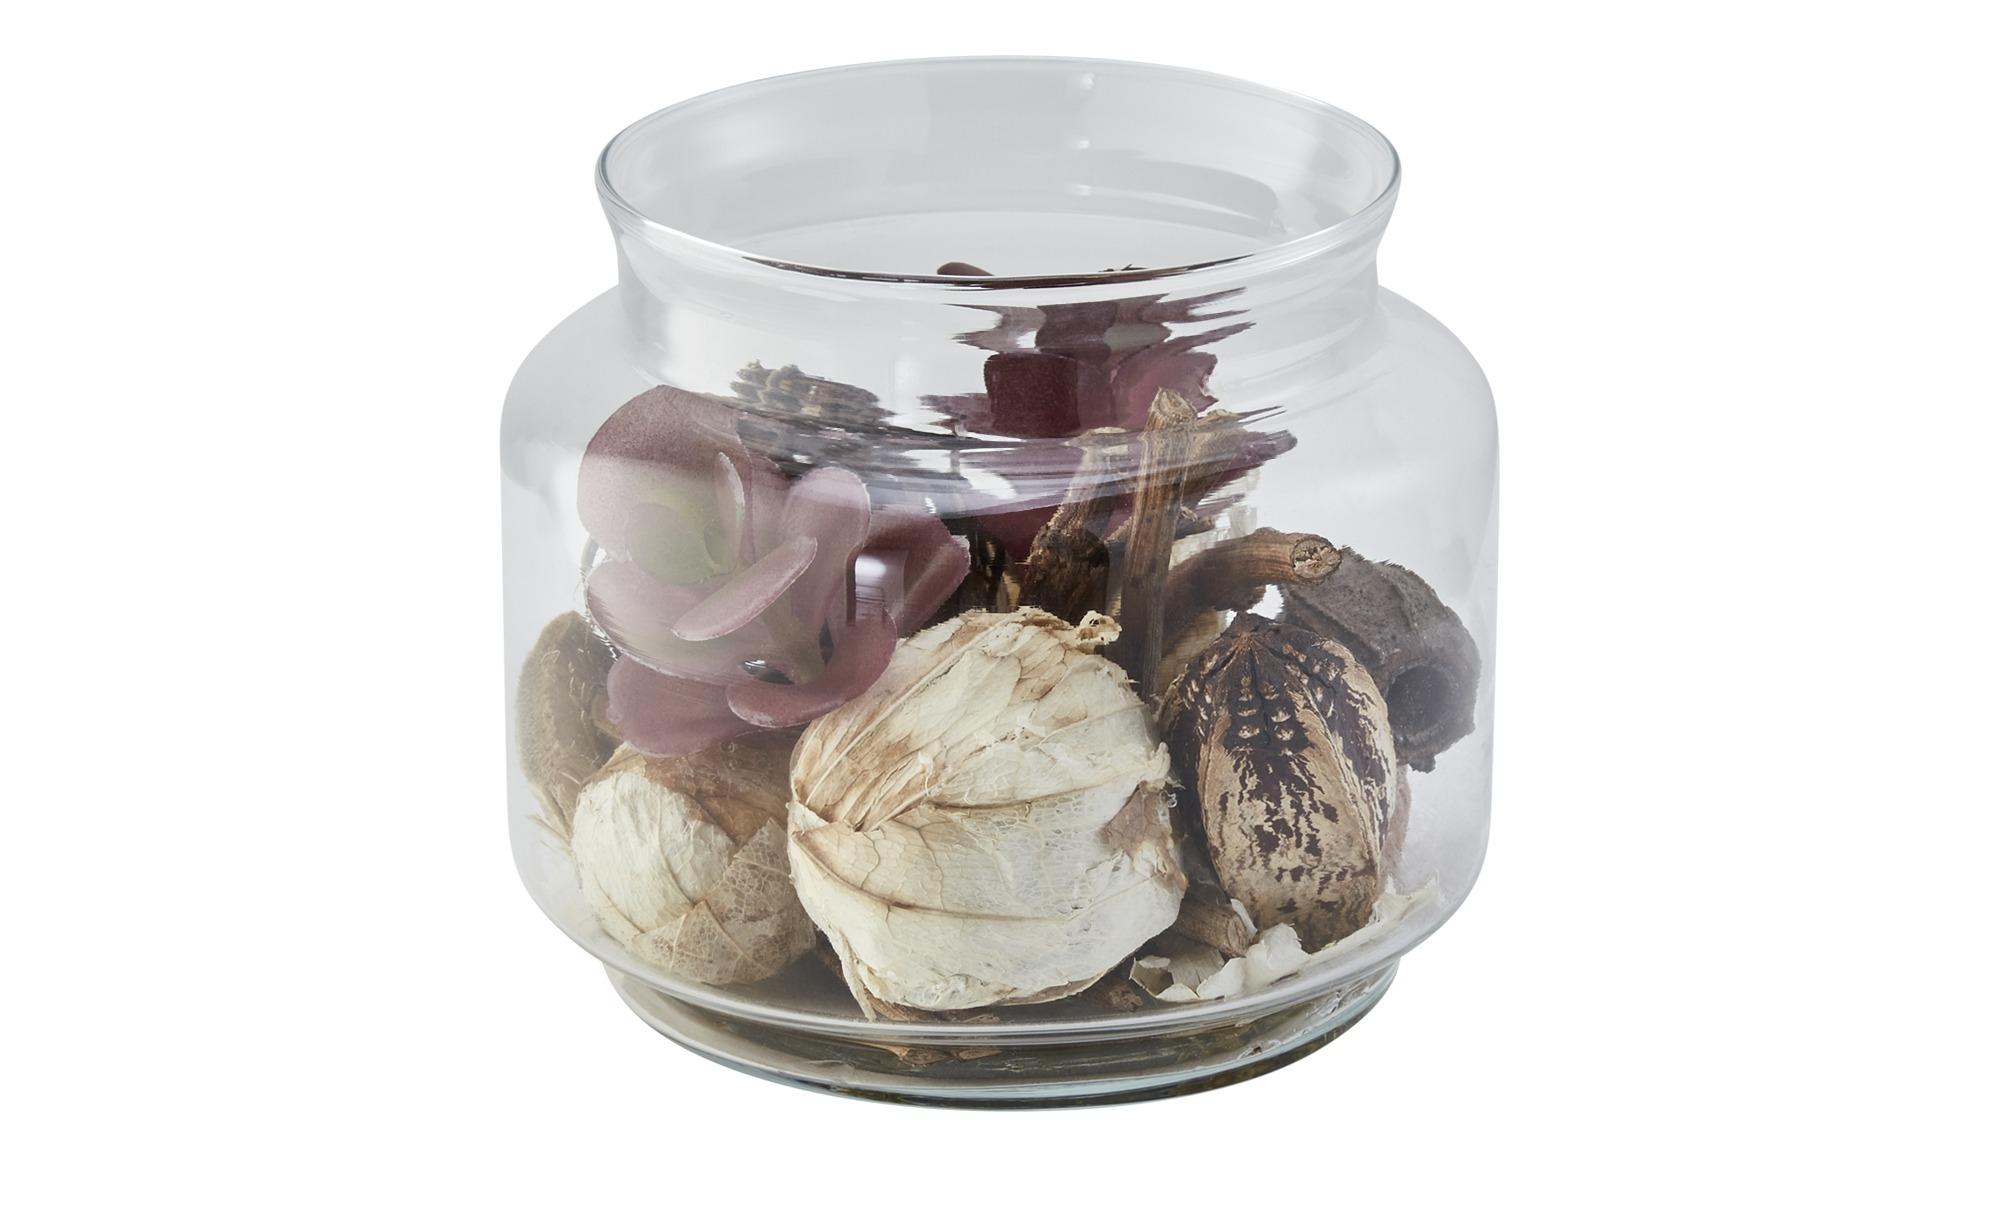 Sukkulente im Glas - grün - Silikon, Glas , Kunststoff - 13,5 cm - Dekoration > Kunstblumen - Möbel Kraft   Dekoration > Dekopflanzen > Kunstpflanzen   Sconto